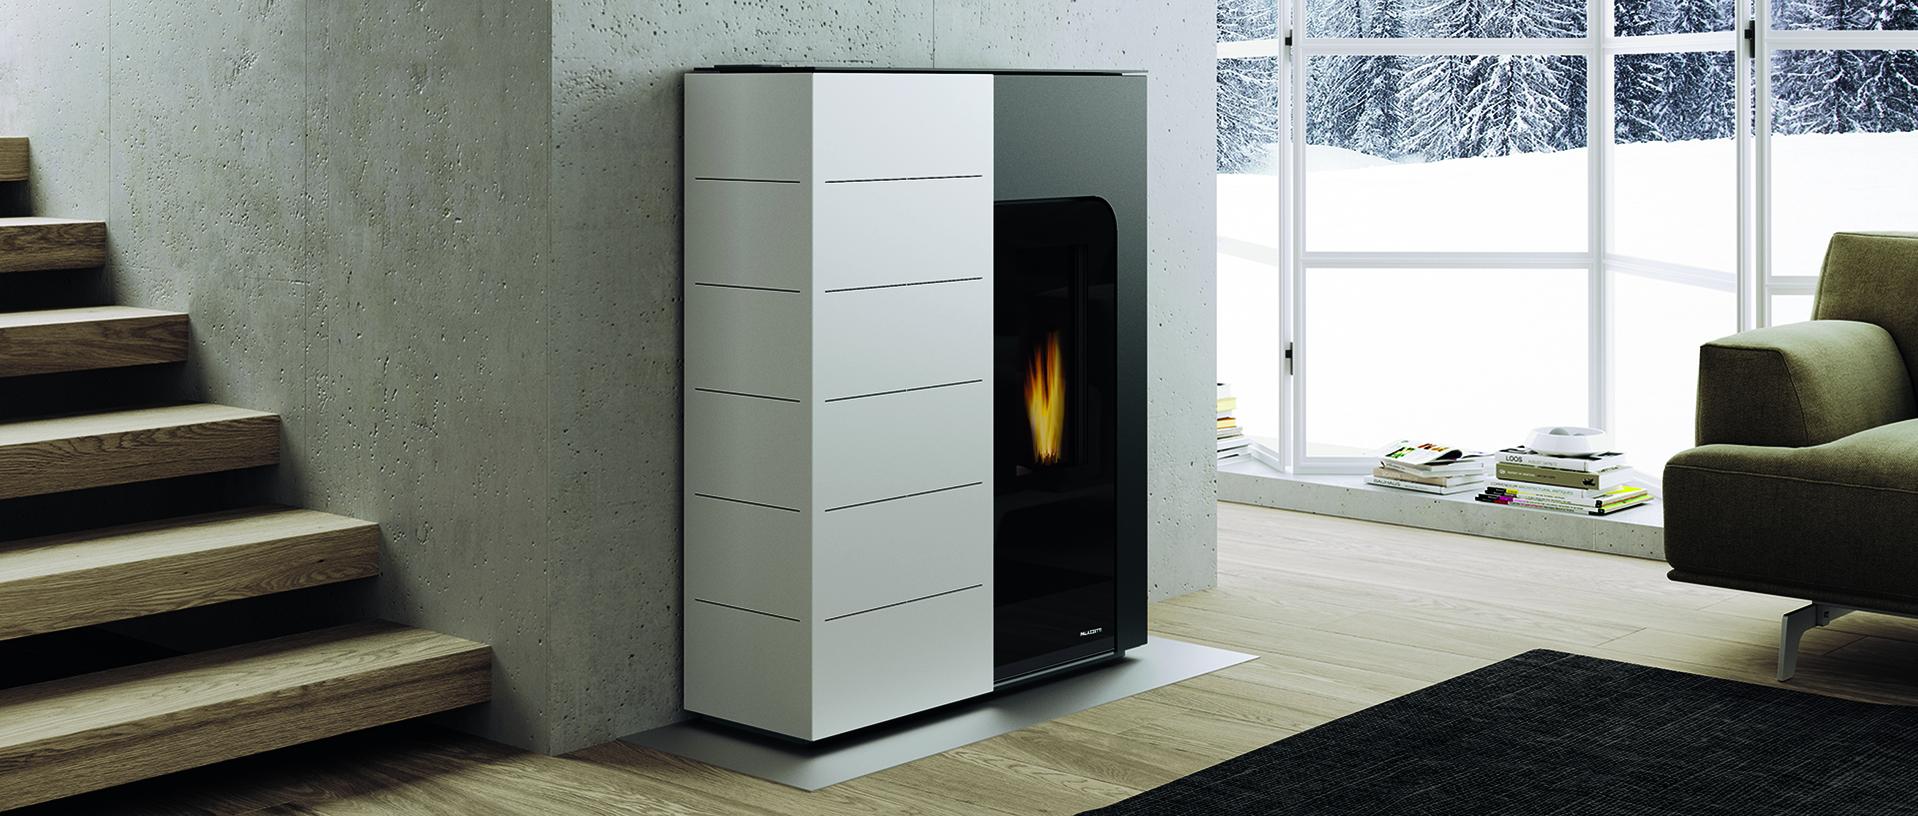 Pelletkaminofen für gemütlich Wärme im Wohnzimmer